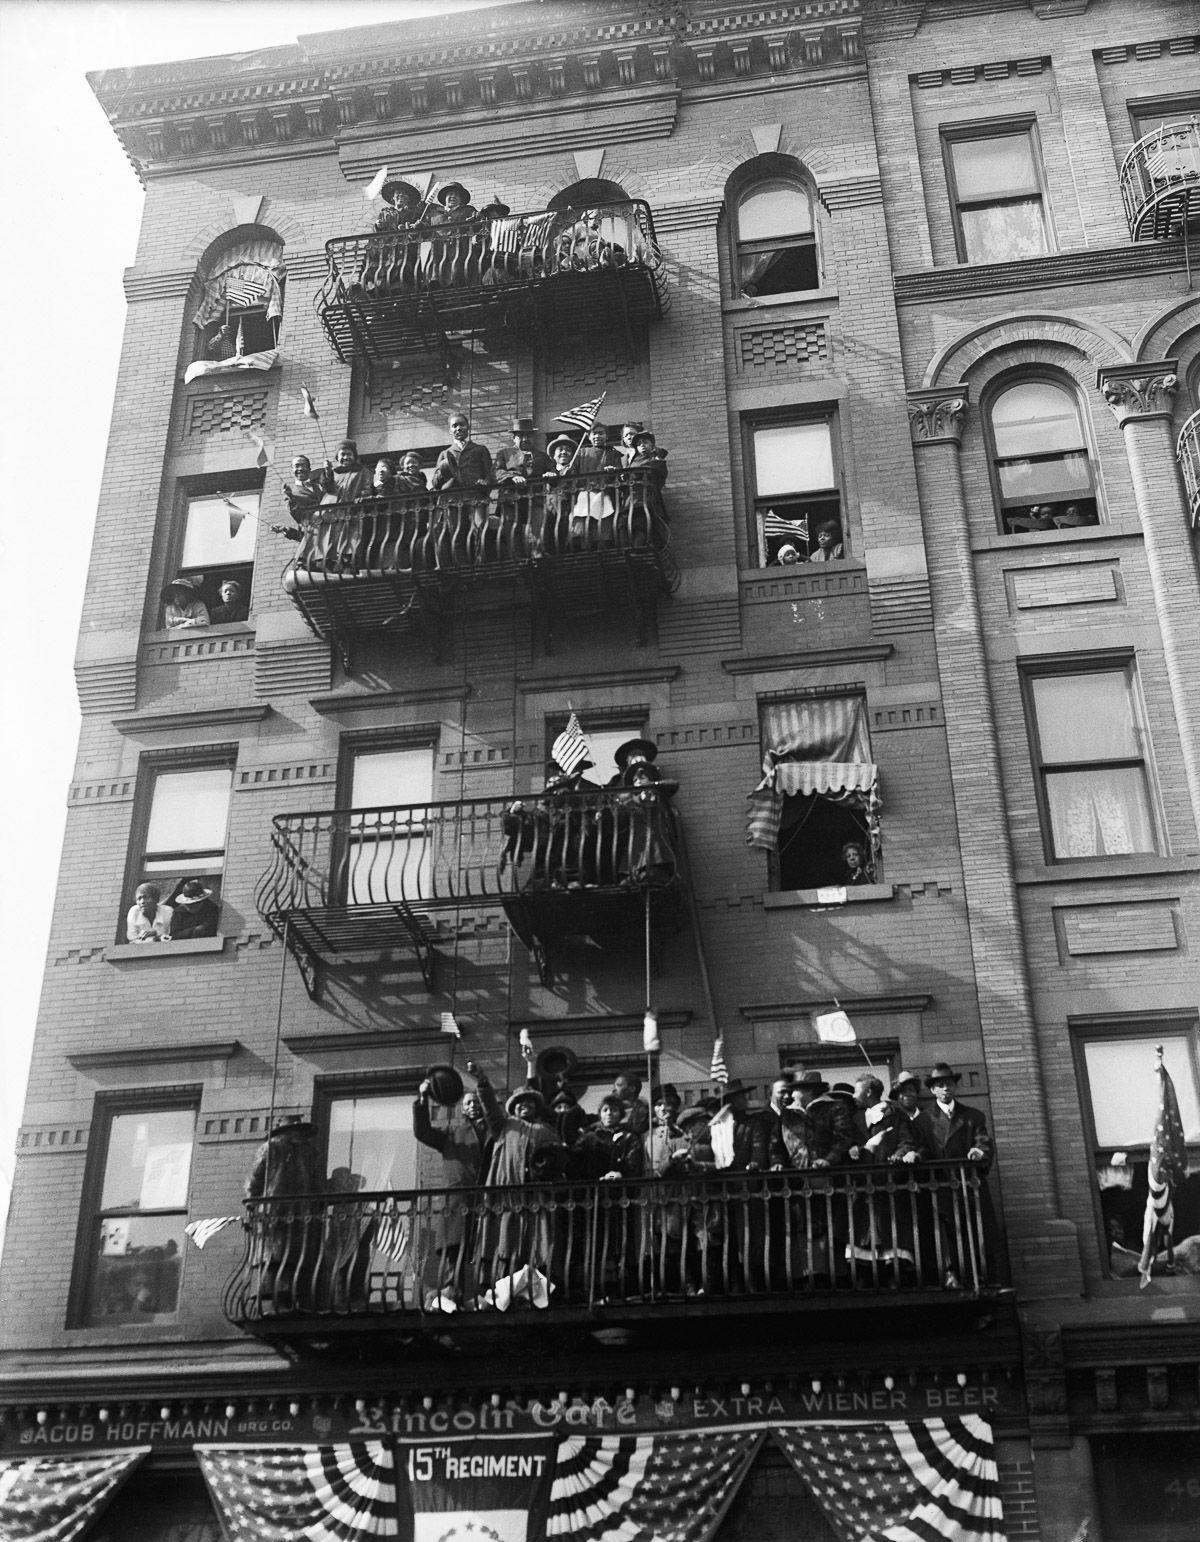 O regimento todo formado por negros na primeira guerra conhecido pela bravura apesar do preconceito 19